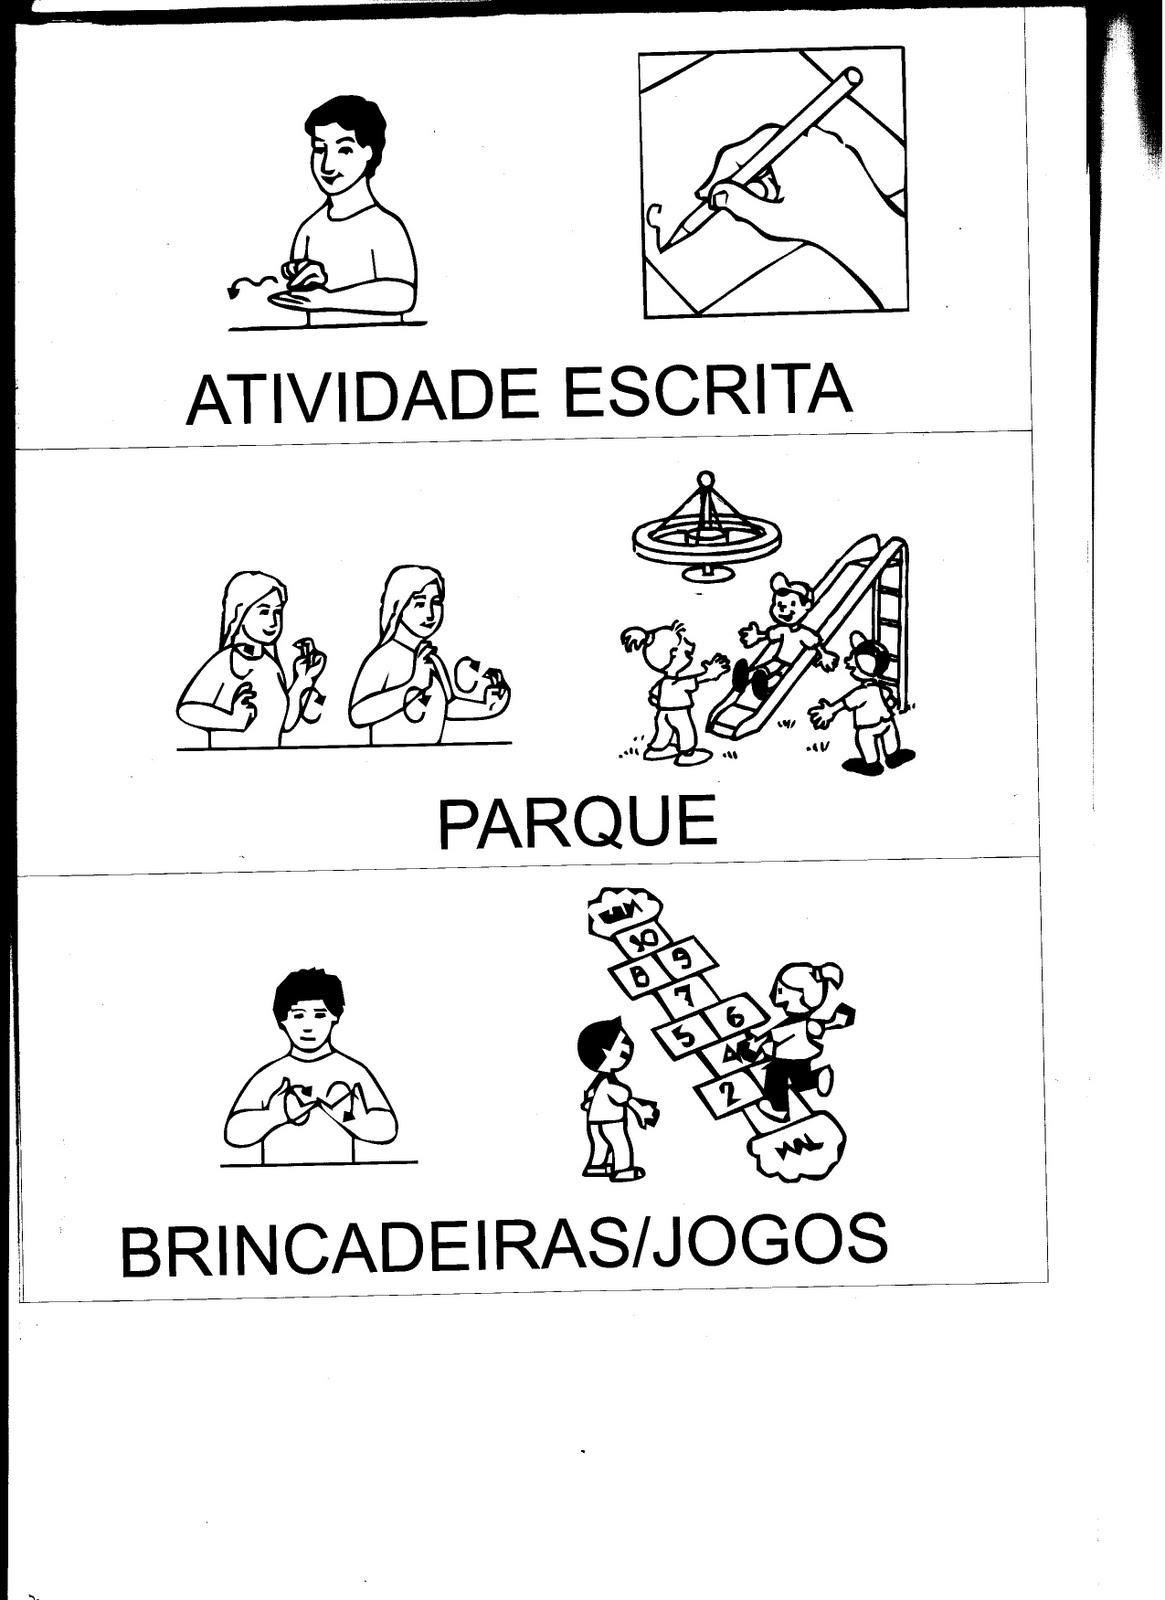 Viva a inclusão!: Atividade em LIBRAS Rotina sinalizada #666666 1165 1600